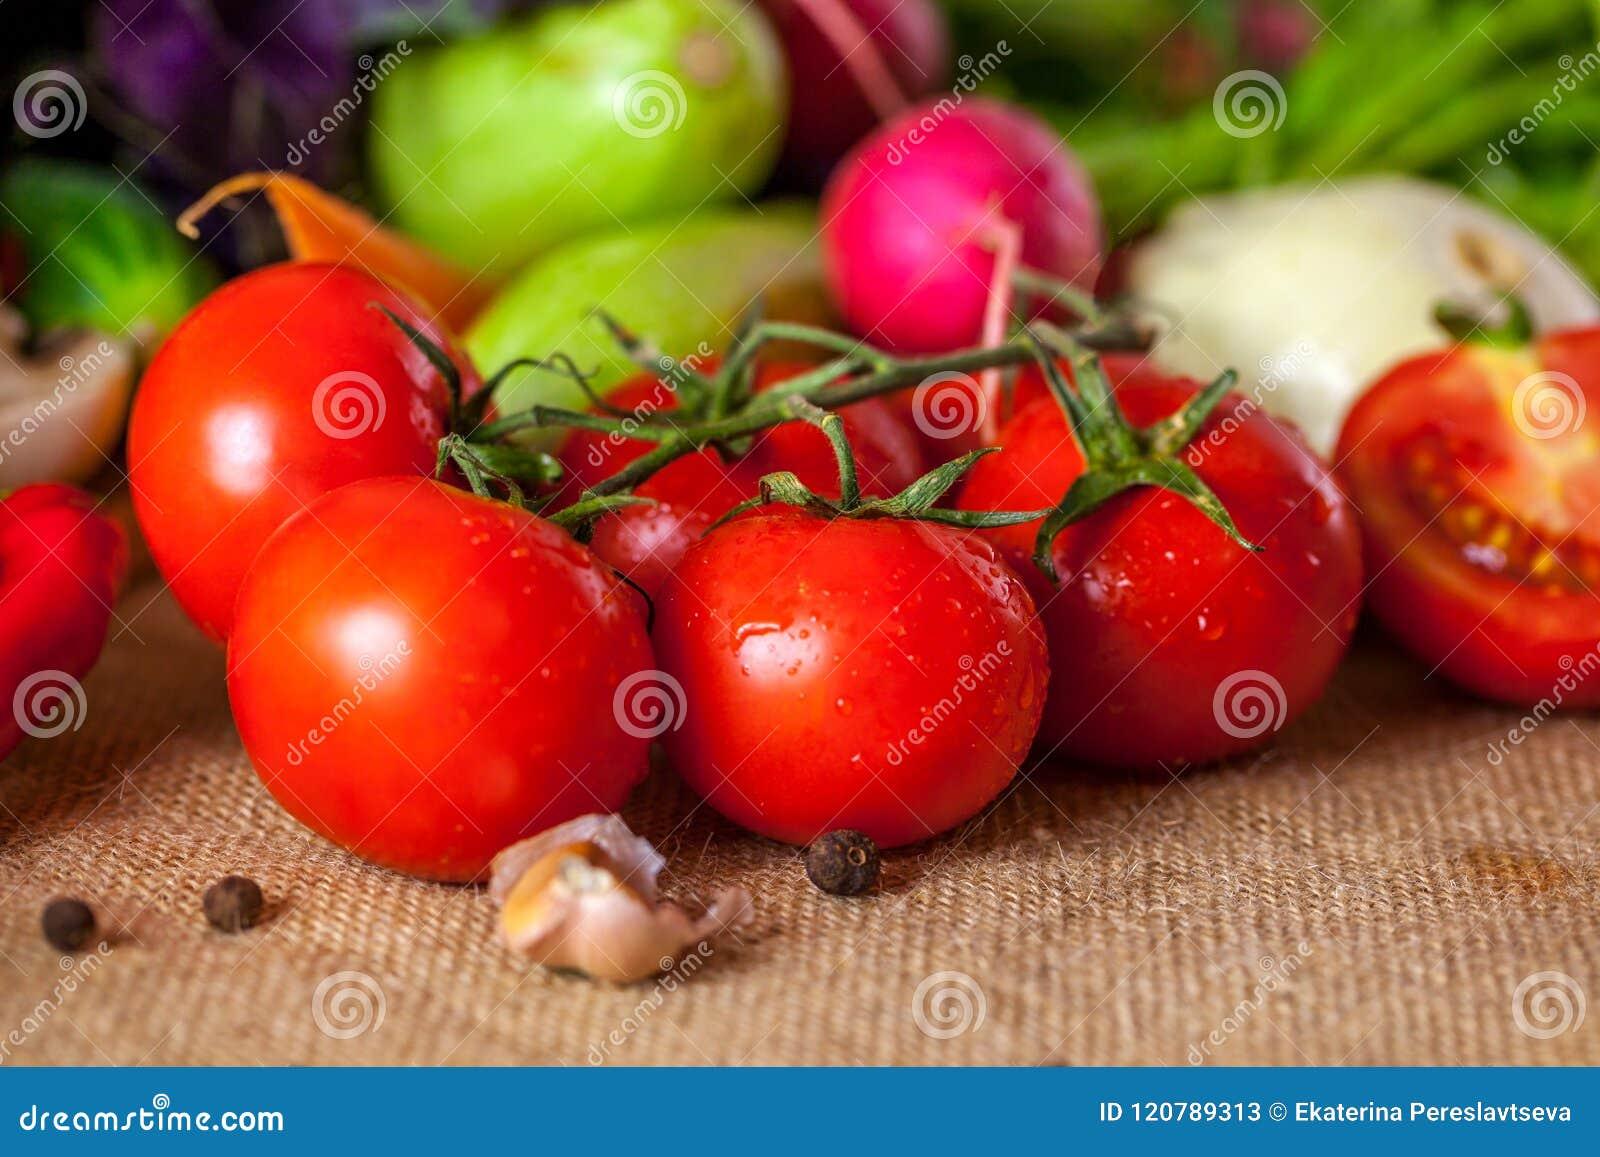 红色蕃茄和成熟红辣椒与水下落,健康食物概念